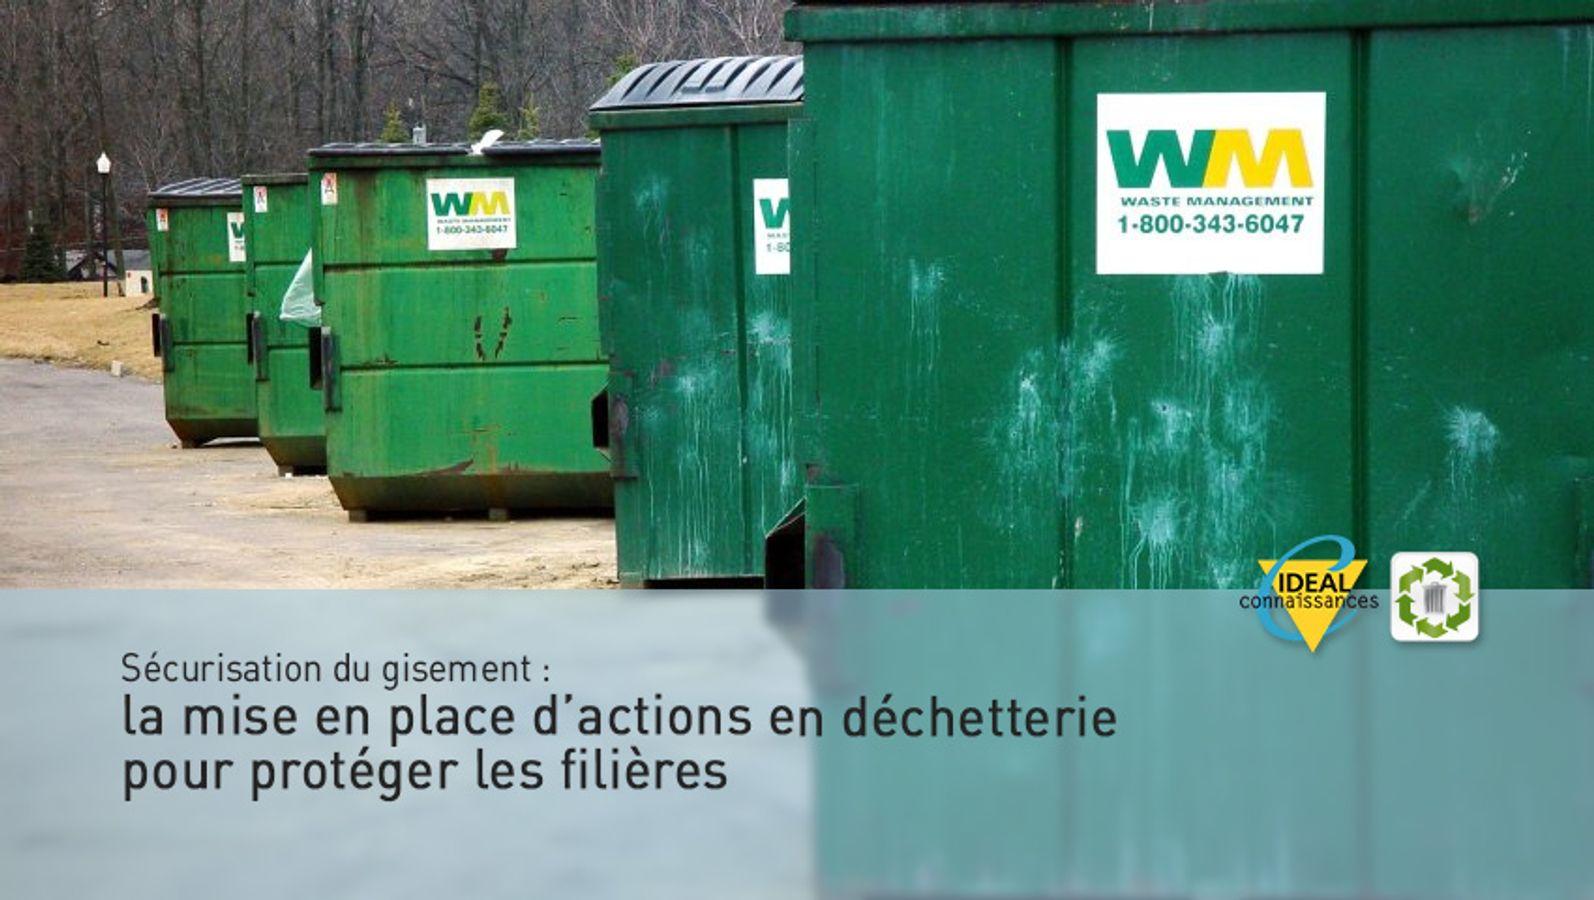 Sécurisation du gisement : la mise en place d'actions en déchetterie pour protéger les filières